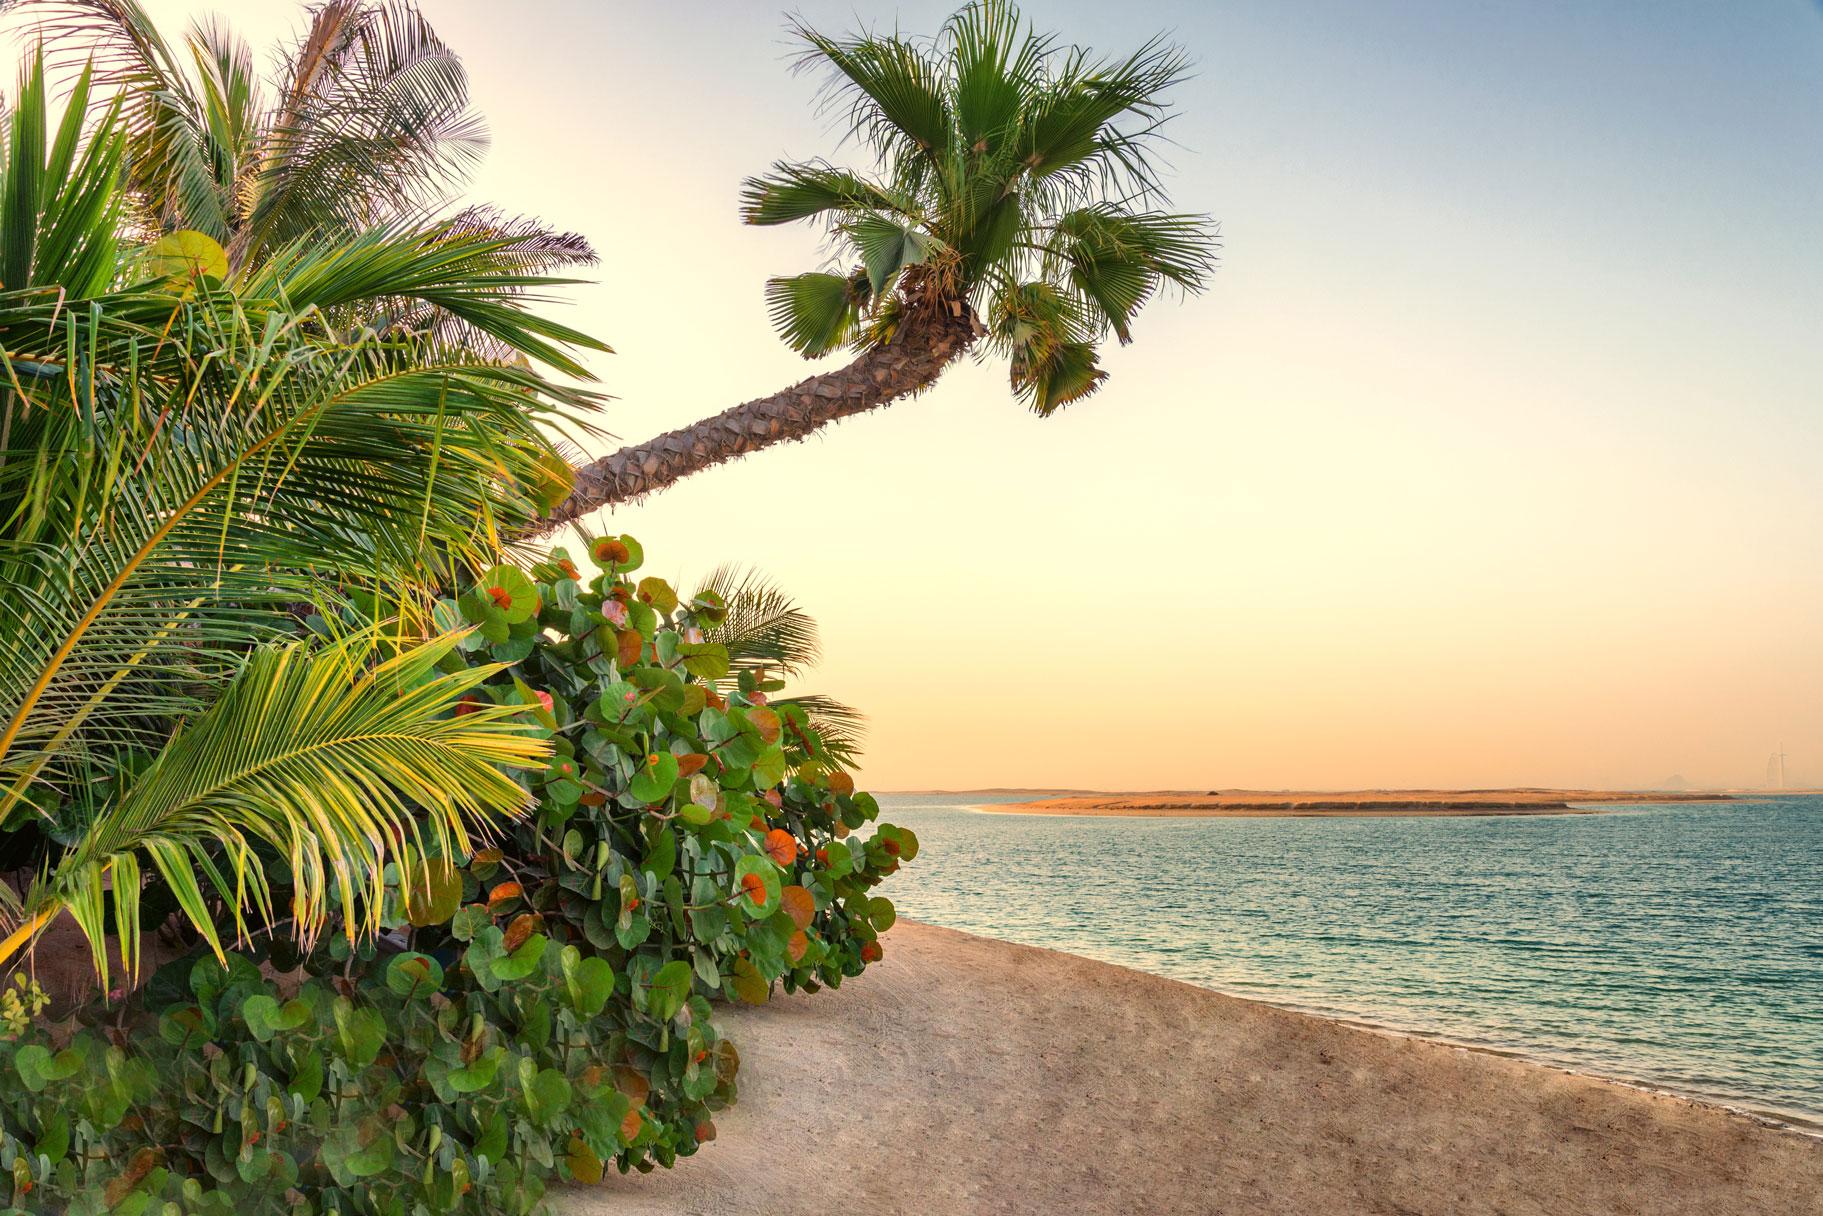 جزيرة السويد جزر العالم دبي (2)